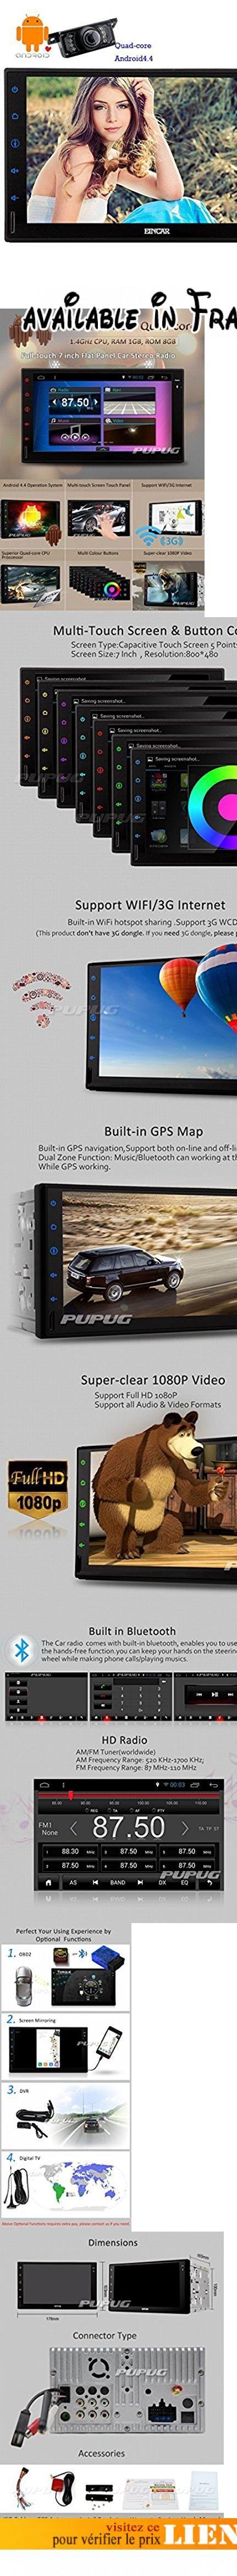 Eincar Quad-core Android4.4 Car Stereo Universal 2po Dash Sat Nav 7 pouces voiture Tablet st¨¦r¨¦o Navigation GPS Headunit soutien Radio AM / FM / Bluetooth / SD / USB / OBD2 / 3G / Wifi / DVR / 1080P / commande au volant Syst¨¨me multim¨¦dia HD capacitif multi-points joueur No-DVD + HD Cam¨¦ra de recul. 1. Pur android PC 4.4 voiture avec plus rapide Quad-core CPU, support Hotspot / 3G / Wifi pour surfer sur Internet, tšŠlšŠcharger des jeux et application sur